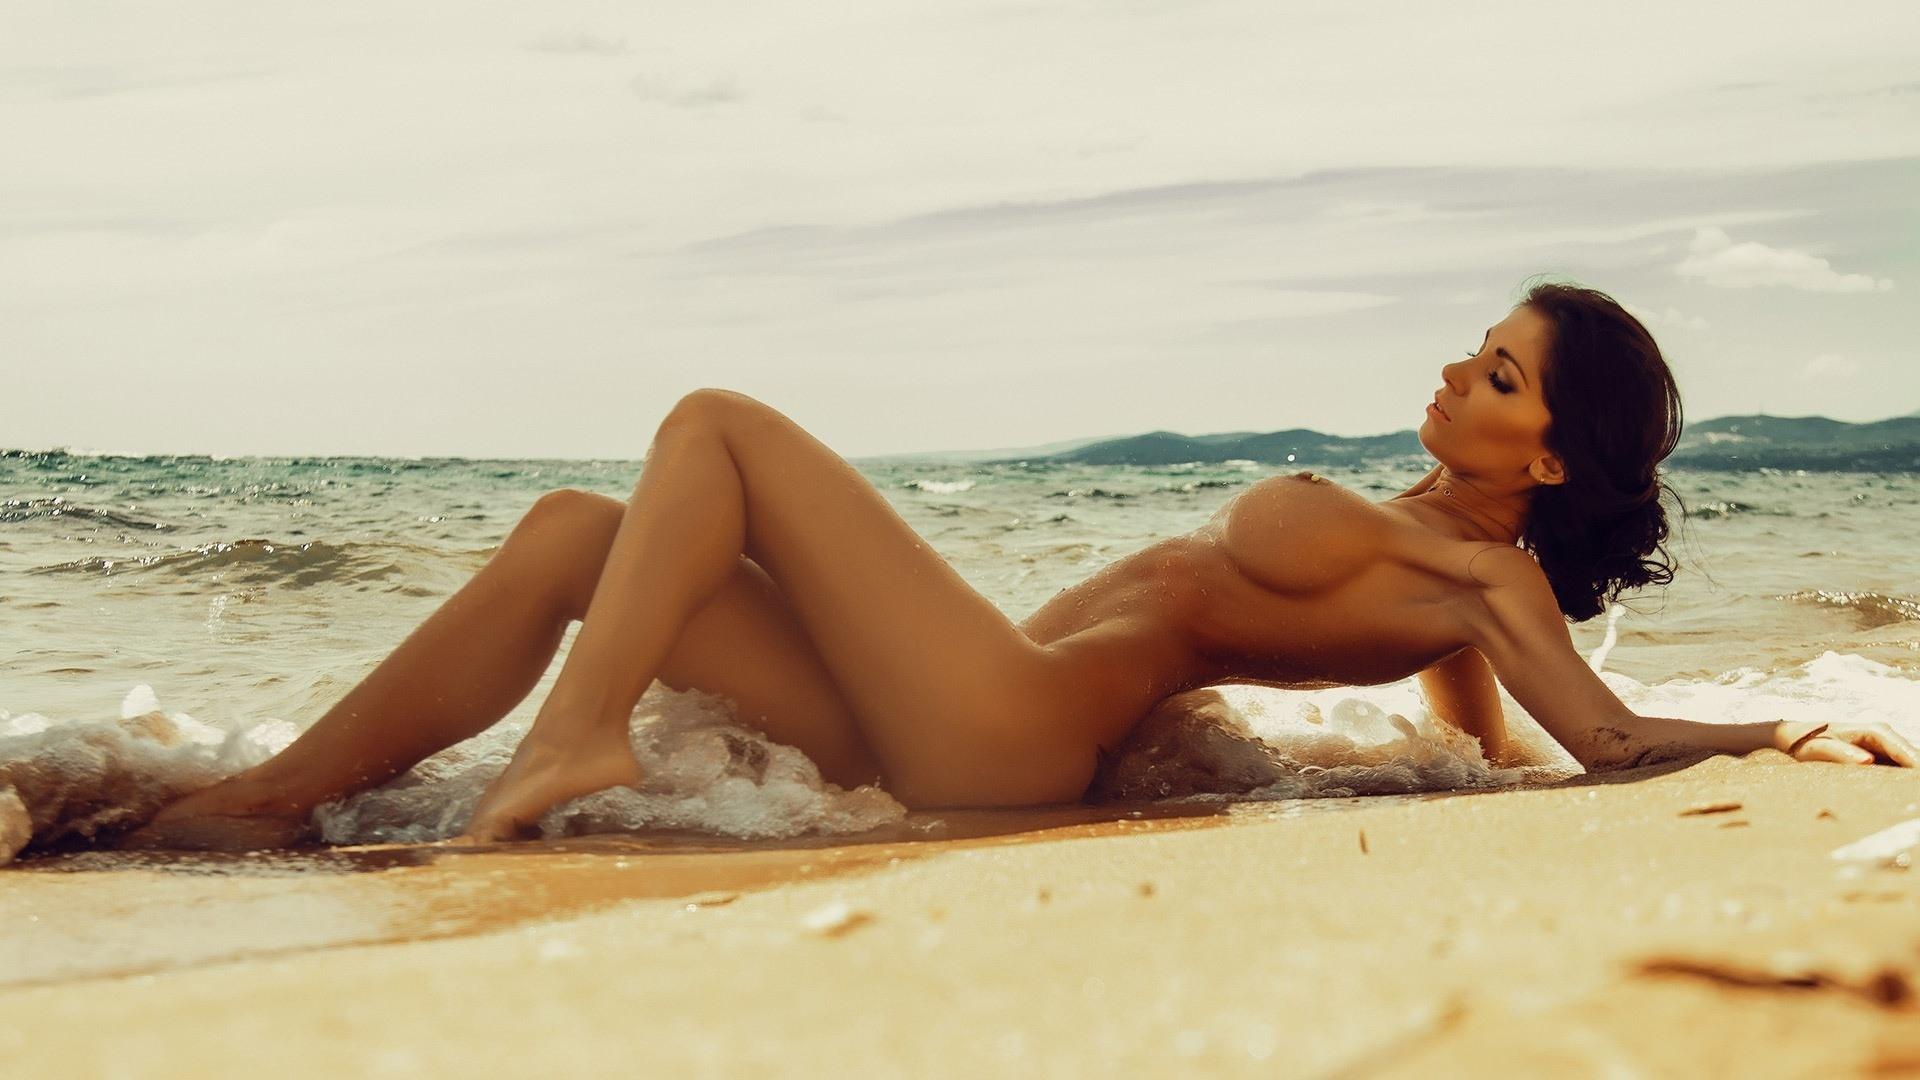 Фото Идеальная фигура, обнаженное сексуальное женское тело, девушка на море, пляж, песок, море, упругие сиськи, шикарные формы, скачать картинку бесплатно